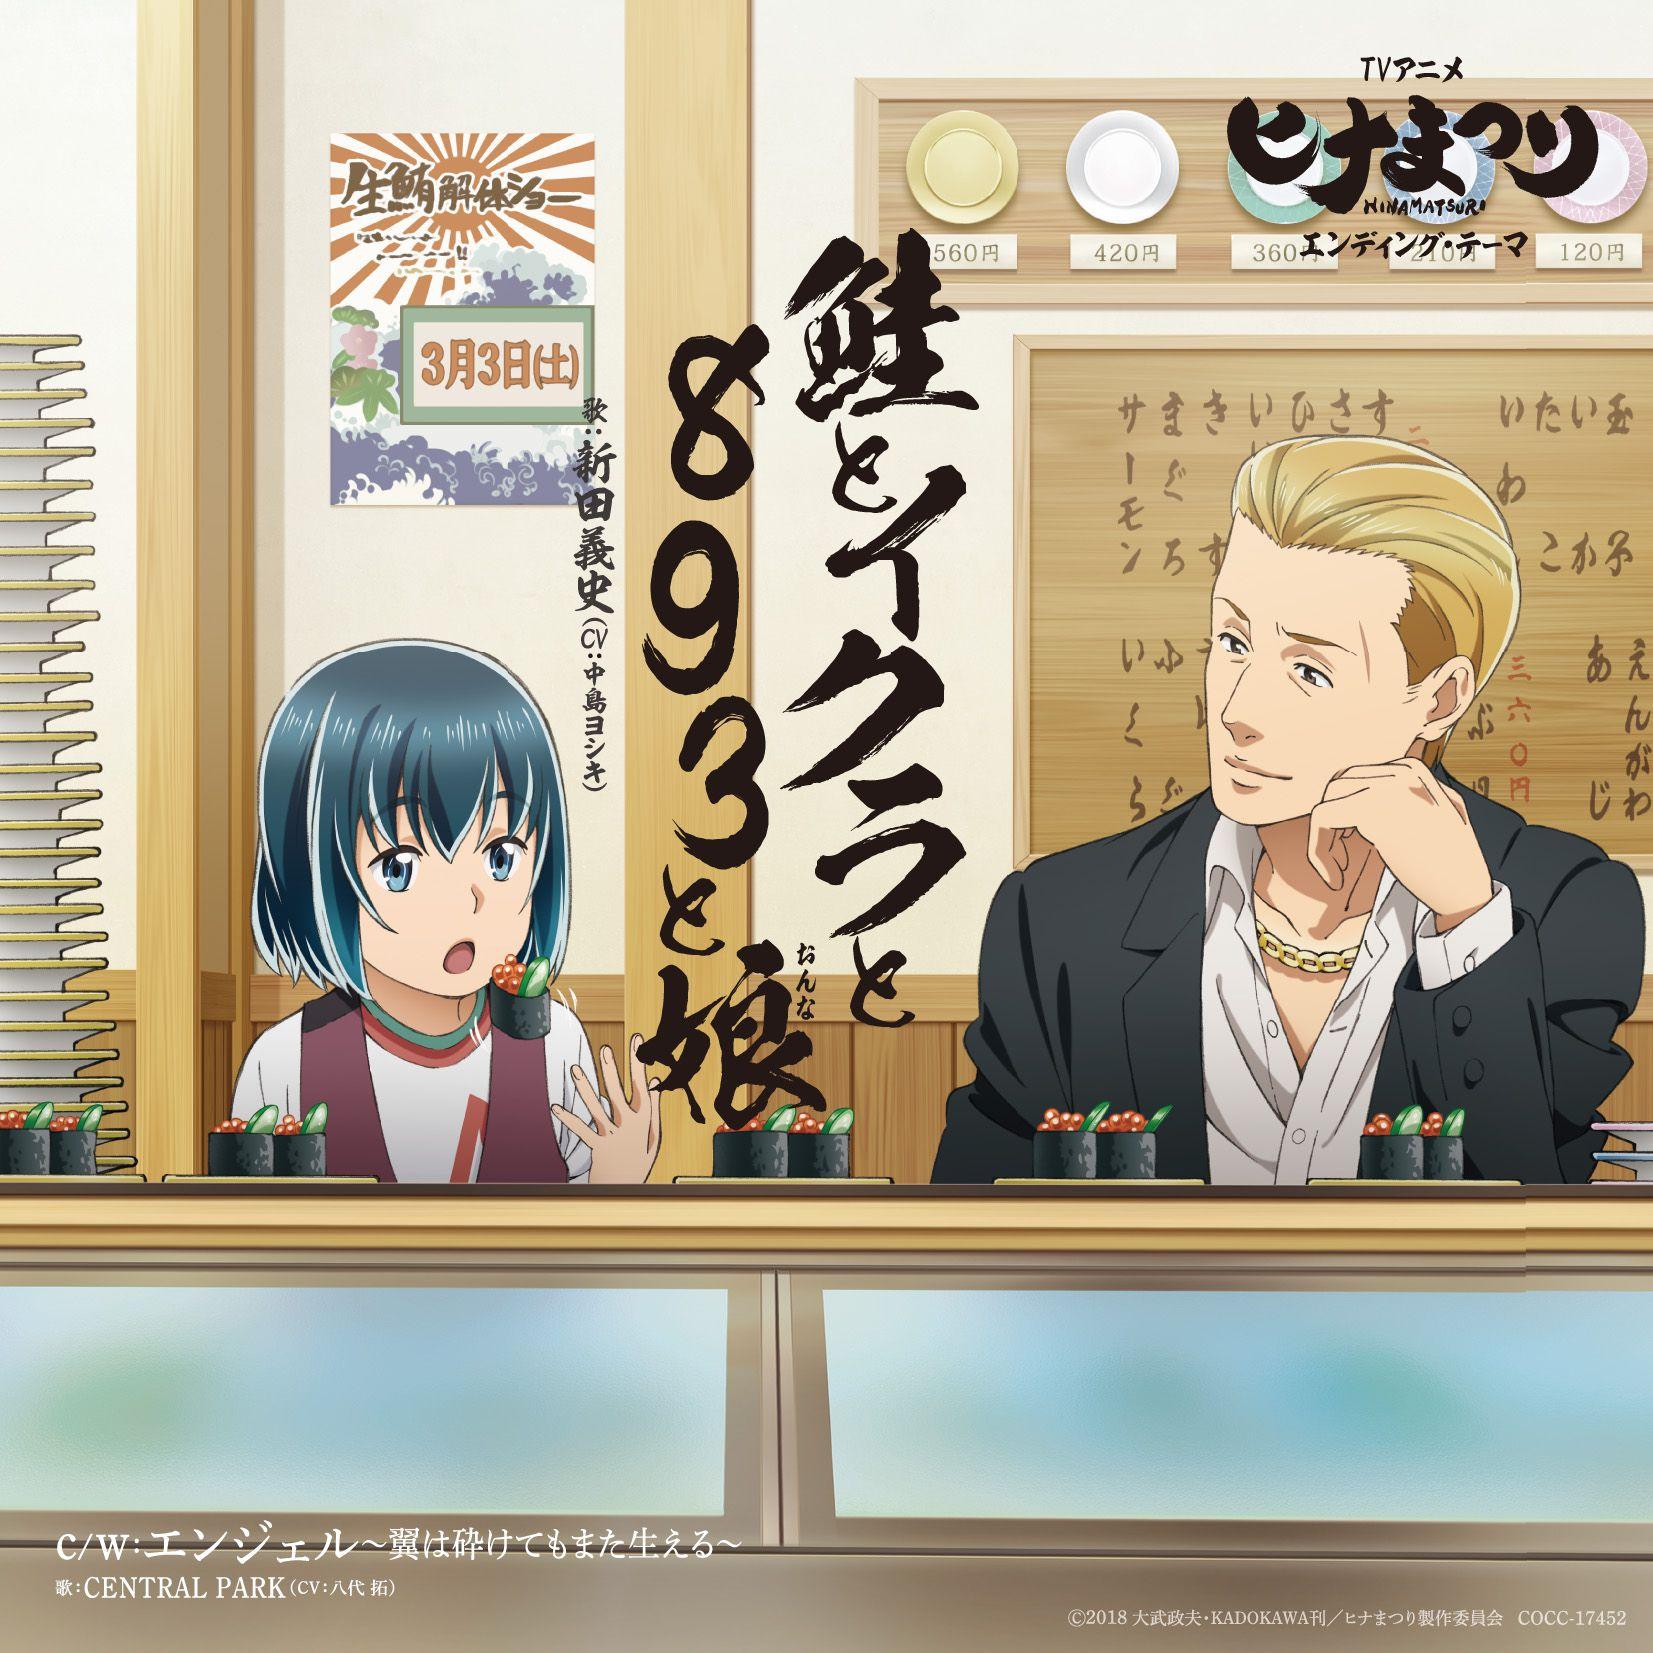 TVアニメ『ヒナまつり』エンディング・テーマ 「鮭とイクラと893と娘」【通常盤】